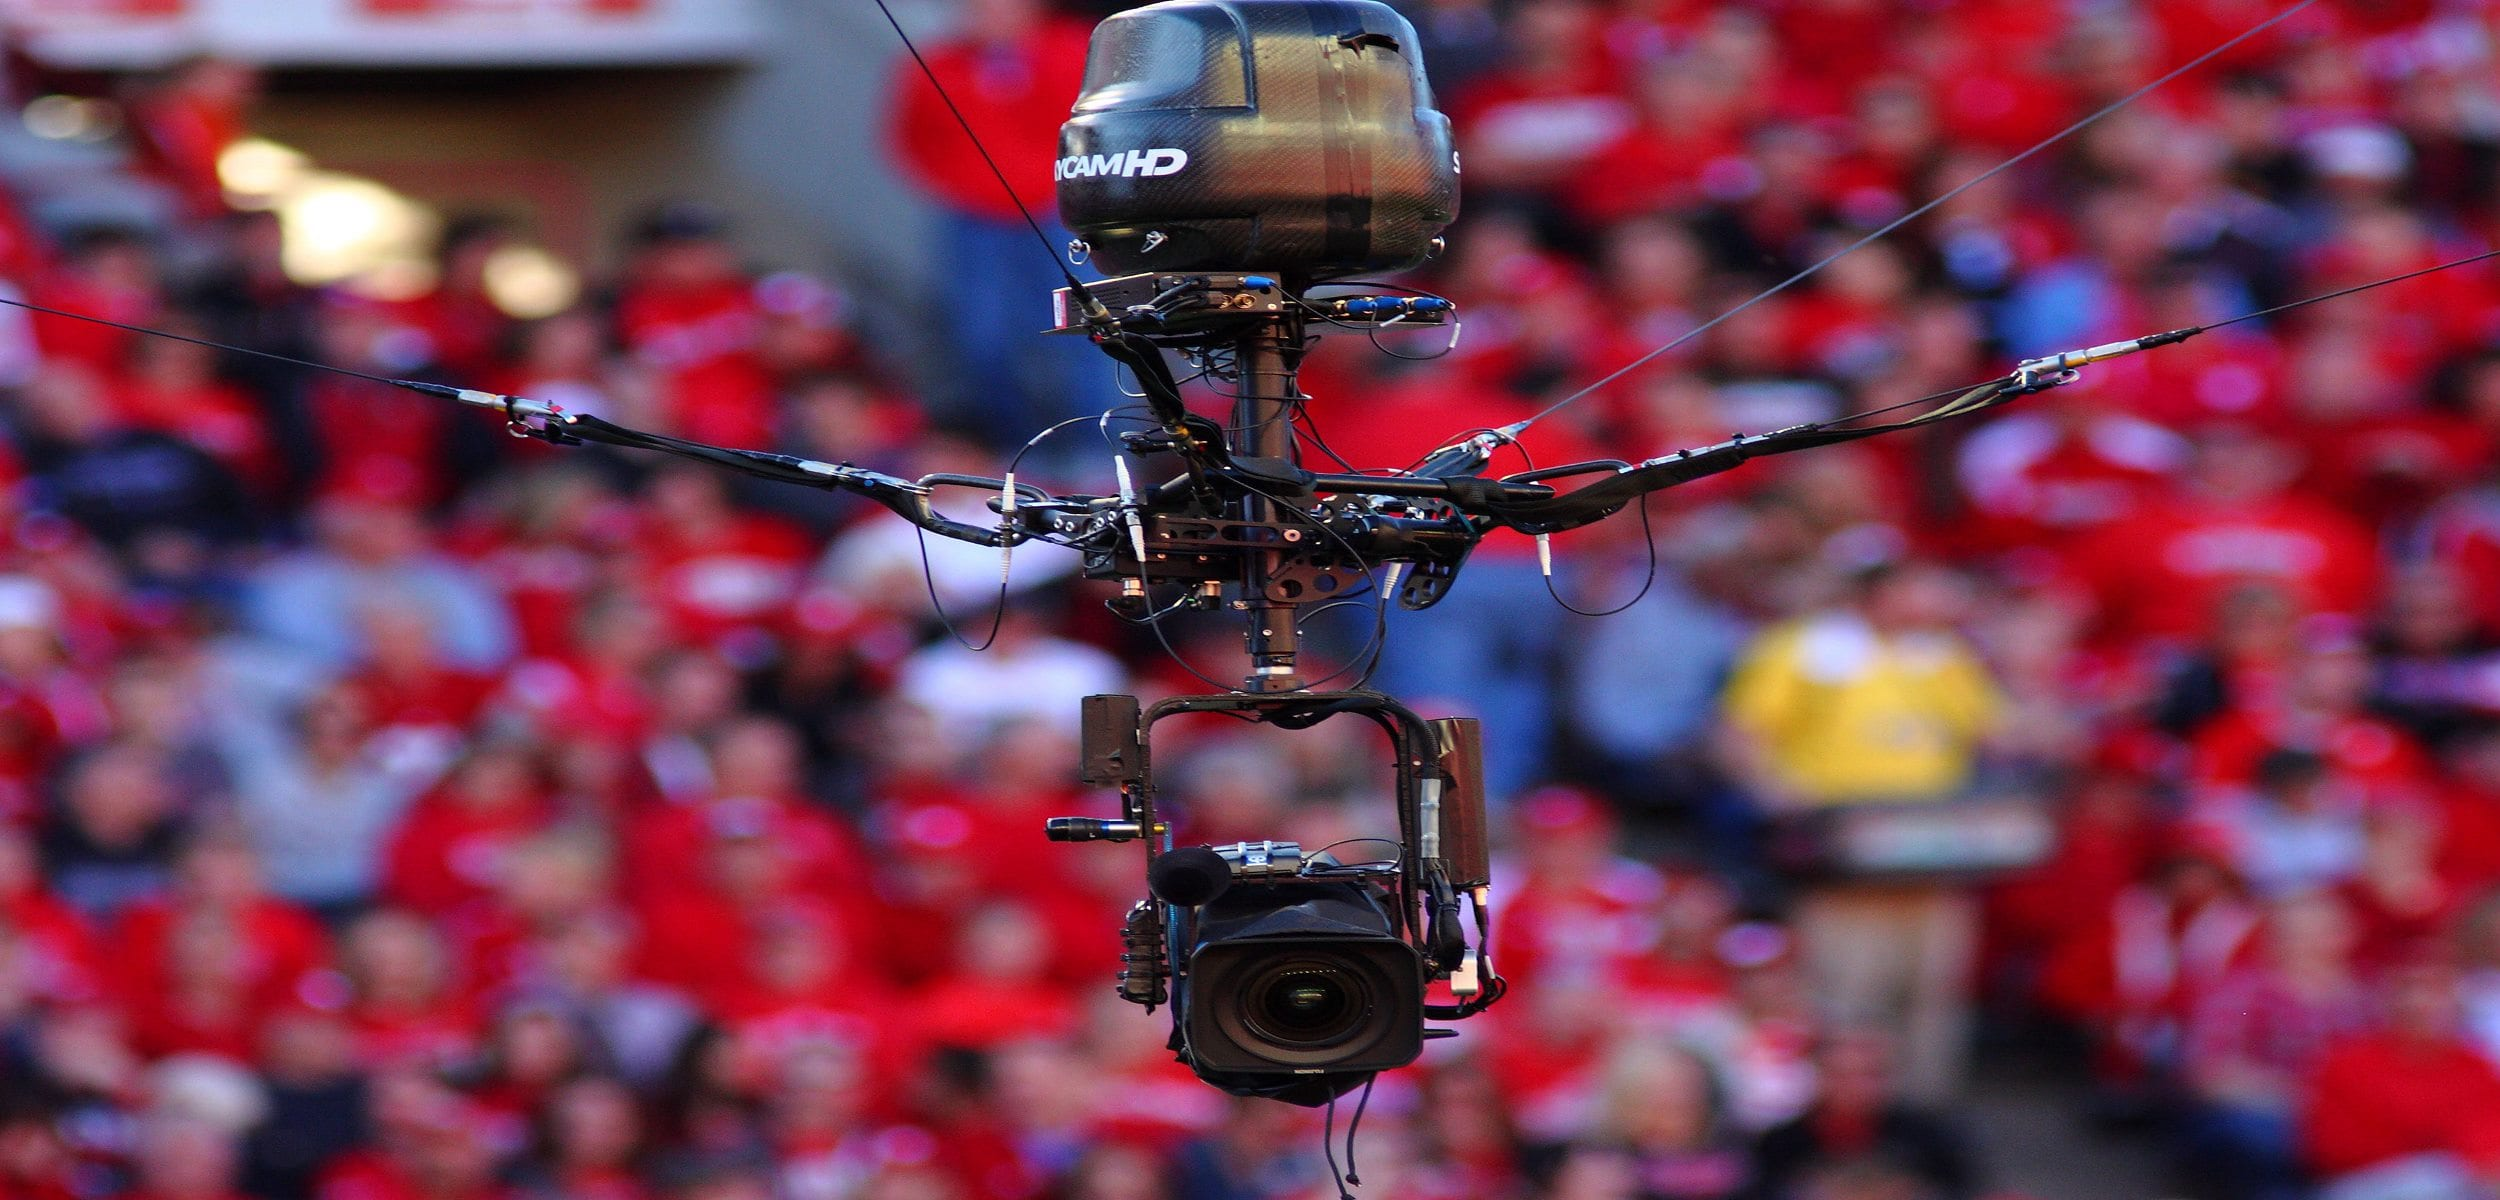 Spidercam, Sang Labah Labah Yang Memberikan Pengalaman Tontonan Luar Biasa